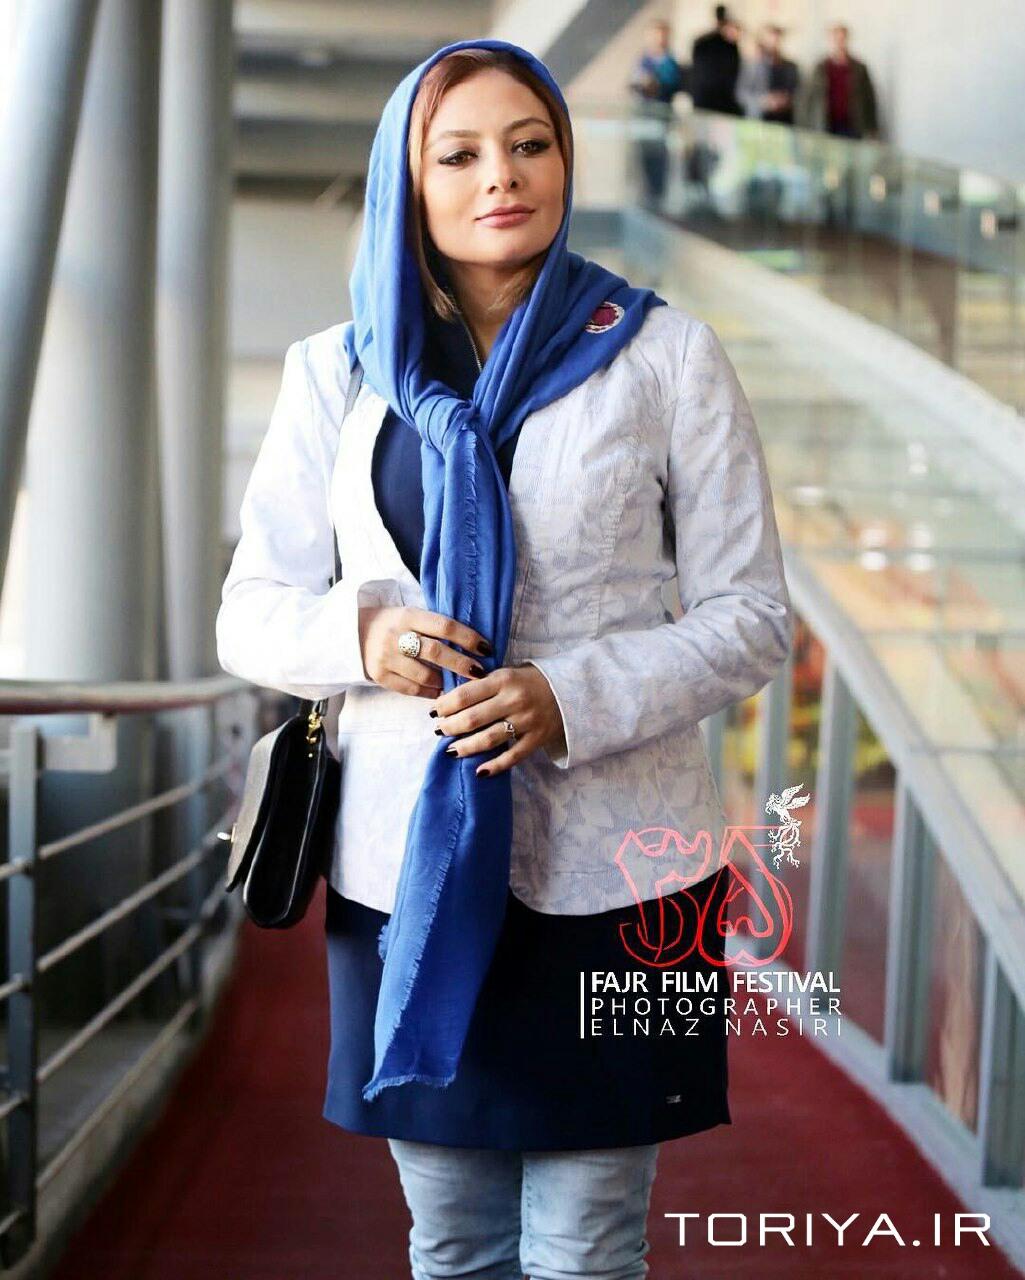 یکتا ناصر در اکران فیلم کارگر ساده نیازمندیم در فجر ۳۵